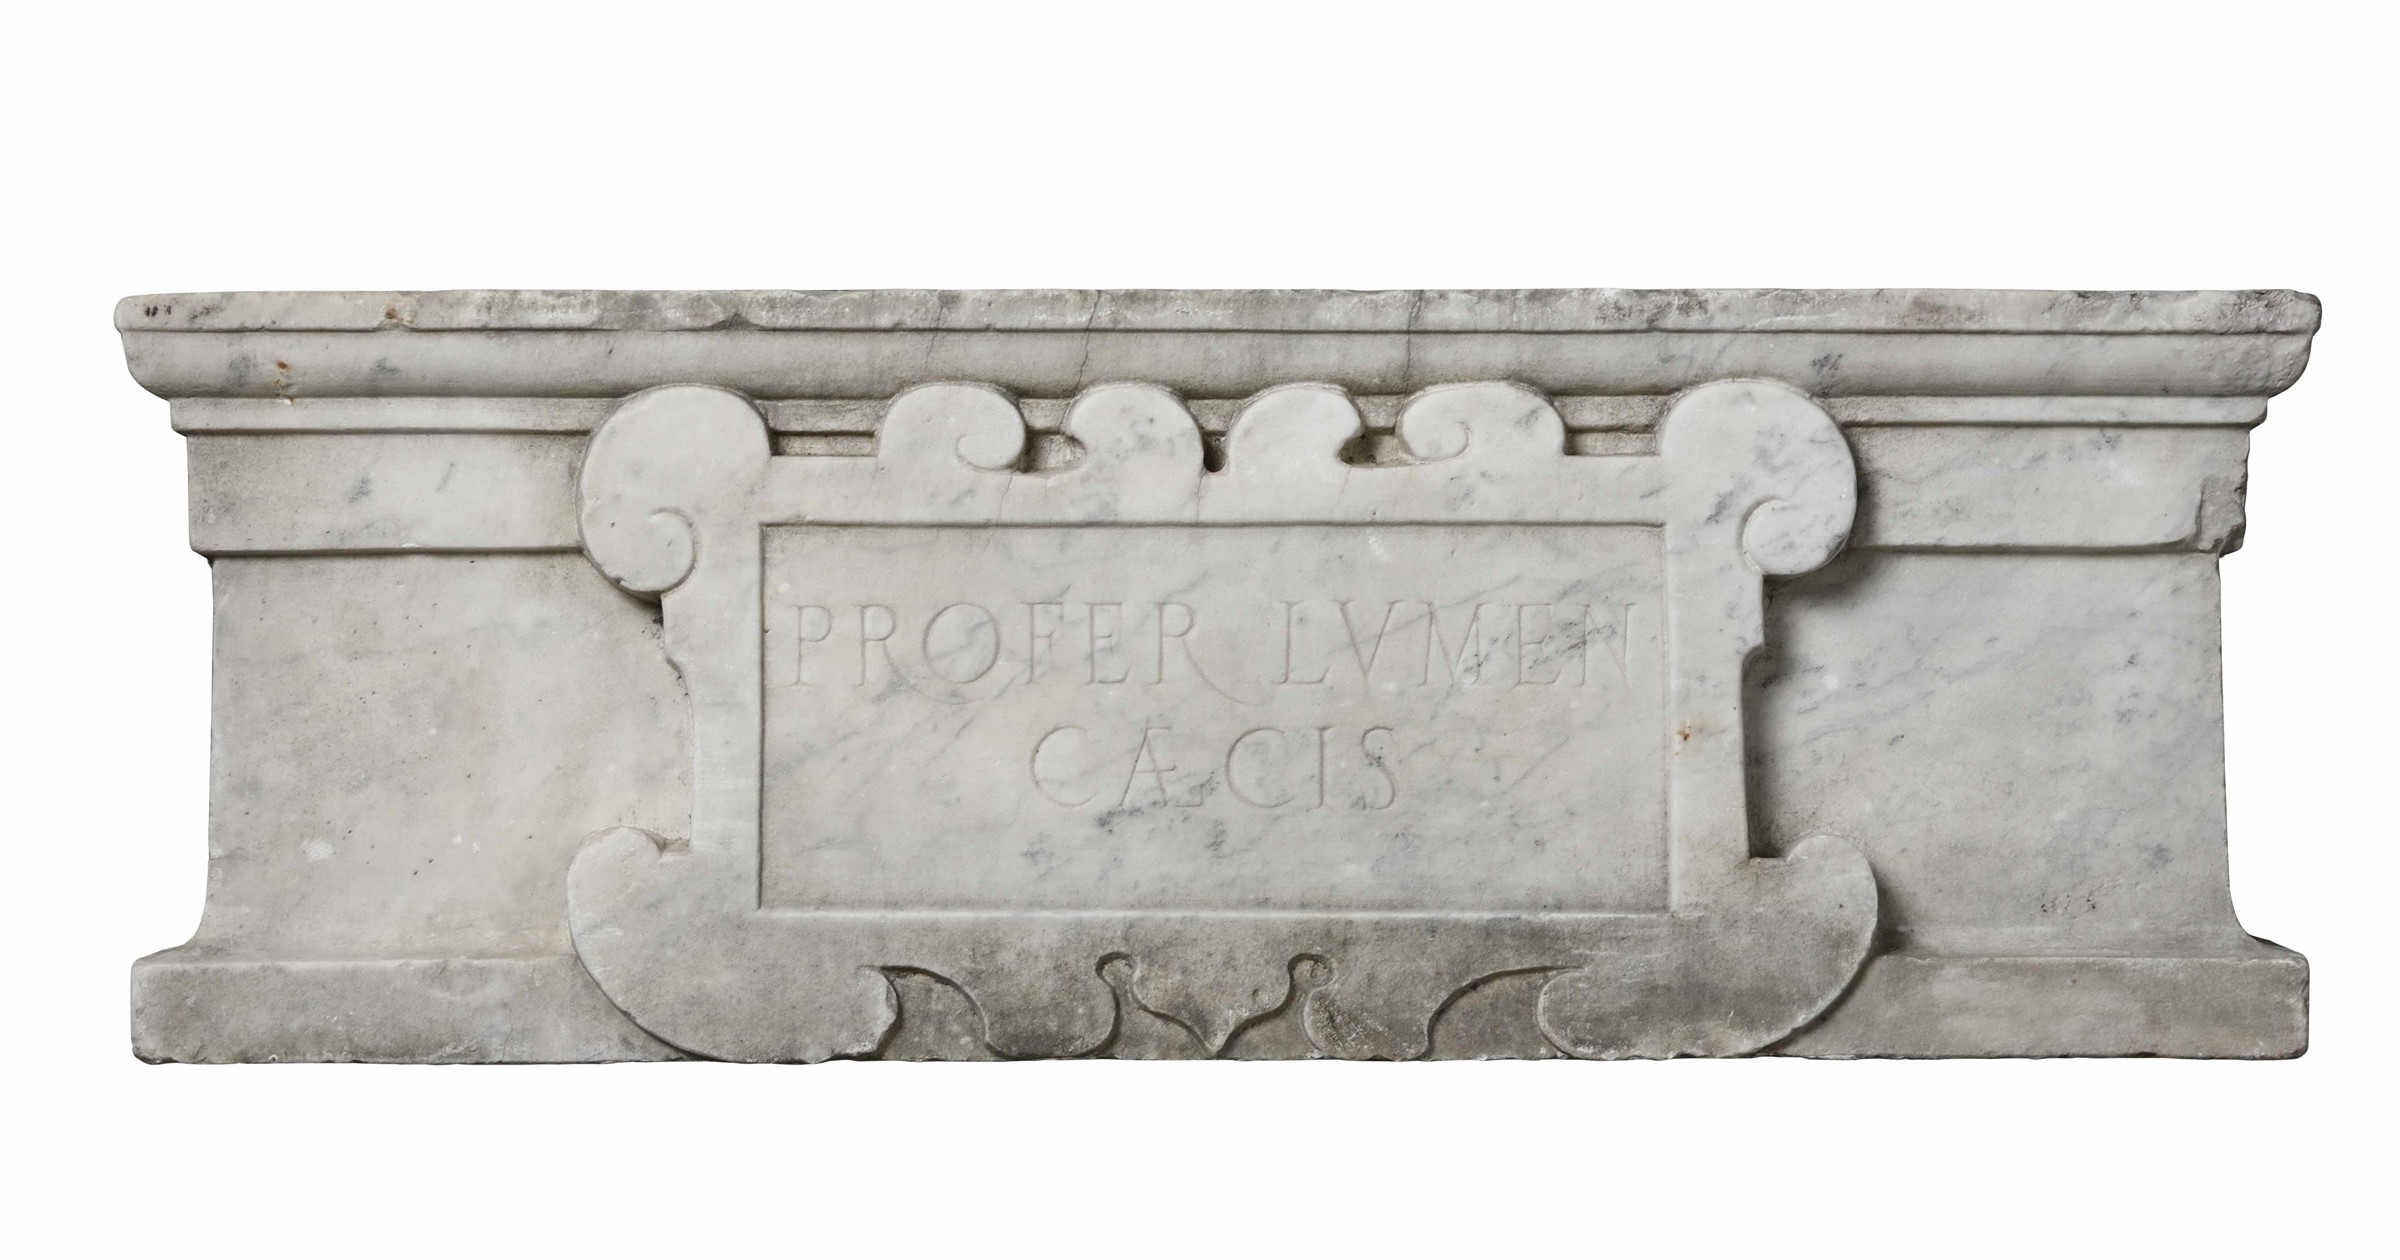 Lot 110 - Architrave in marmo scolpito. Lapicida del XV secolo e interventi successivi, - cm [...]